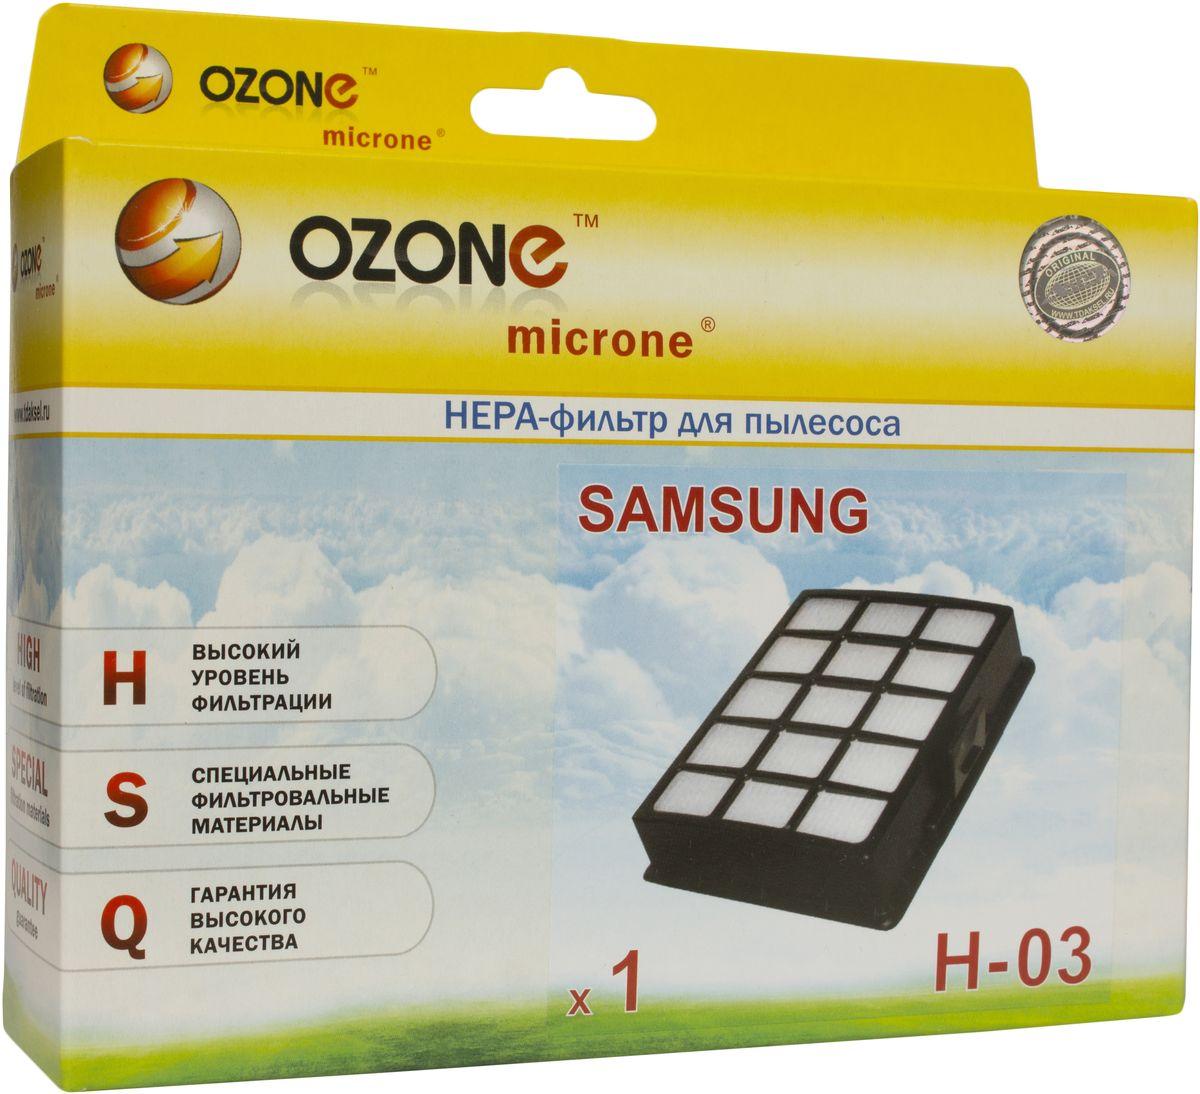 Ozone H-03 HEPA фильтр для пылесоса Samsung фильтры для воды фибос фильтр сверхтонкой очистки фибос 1